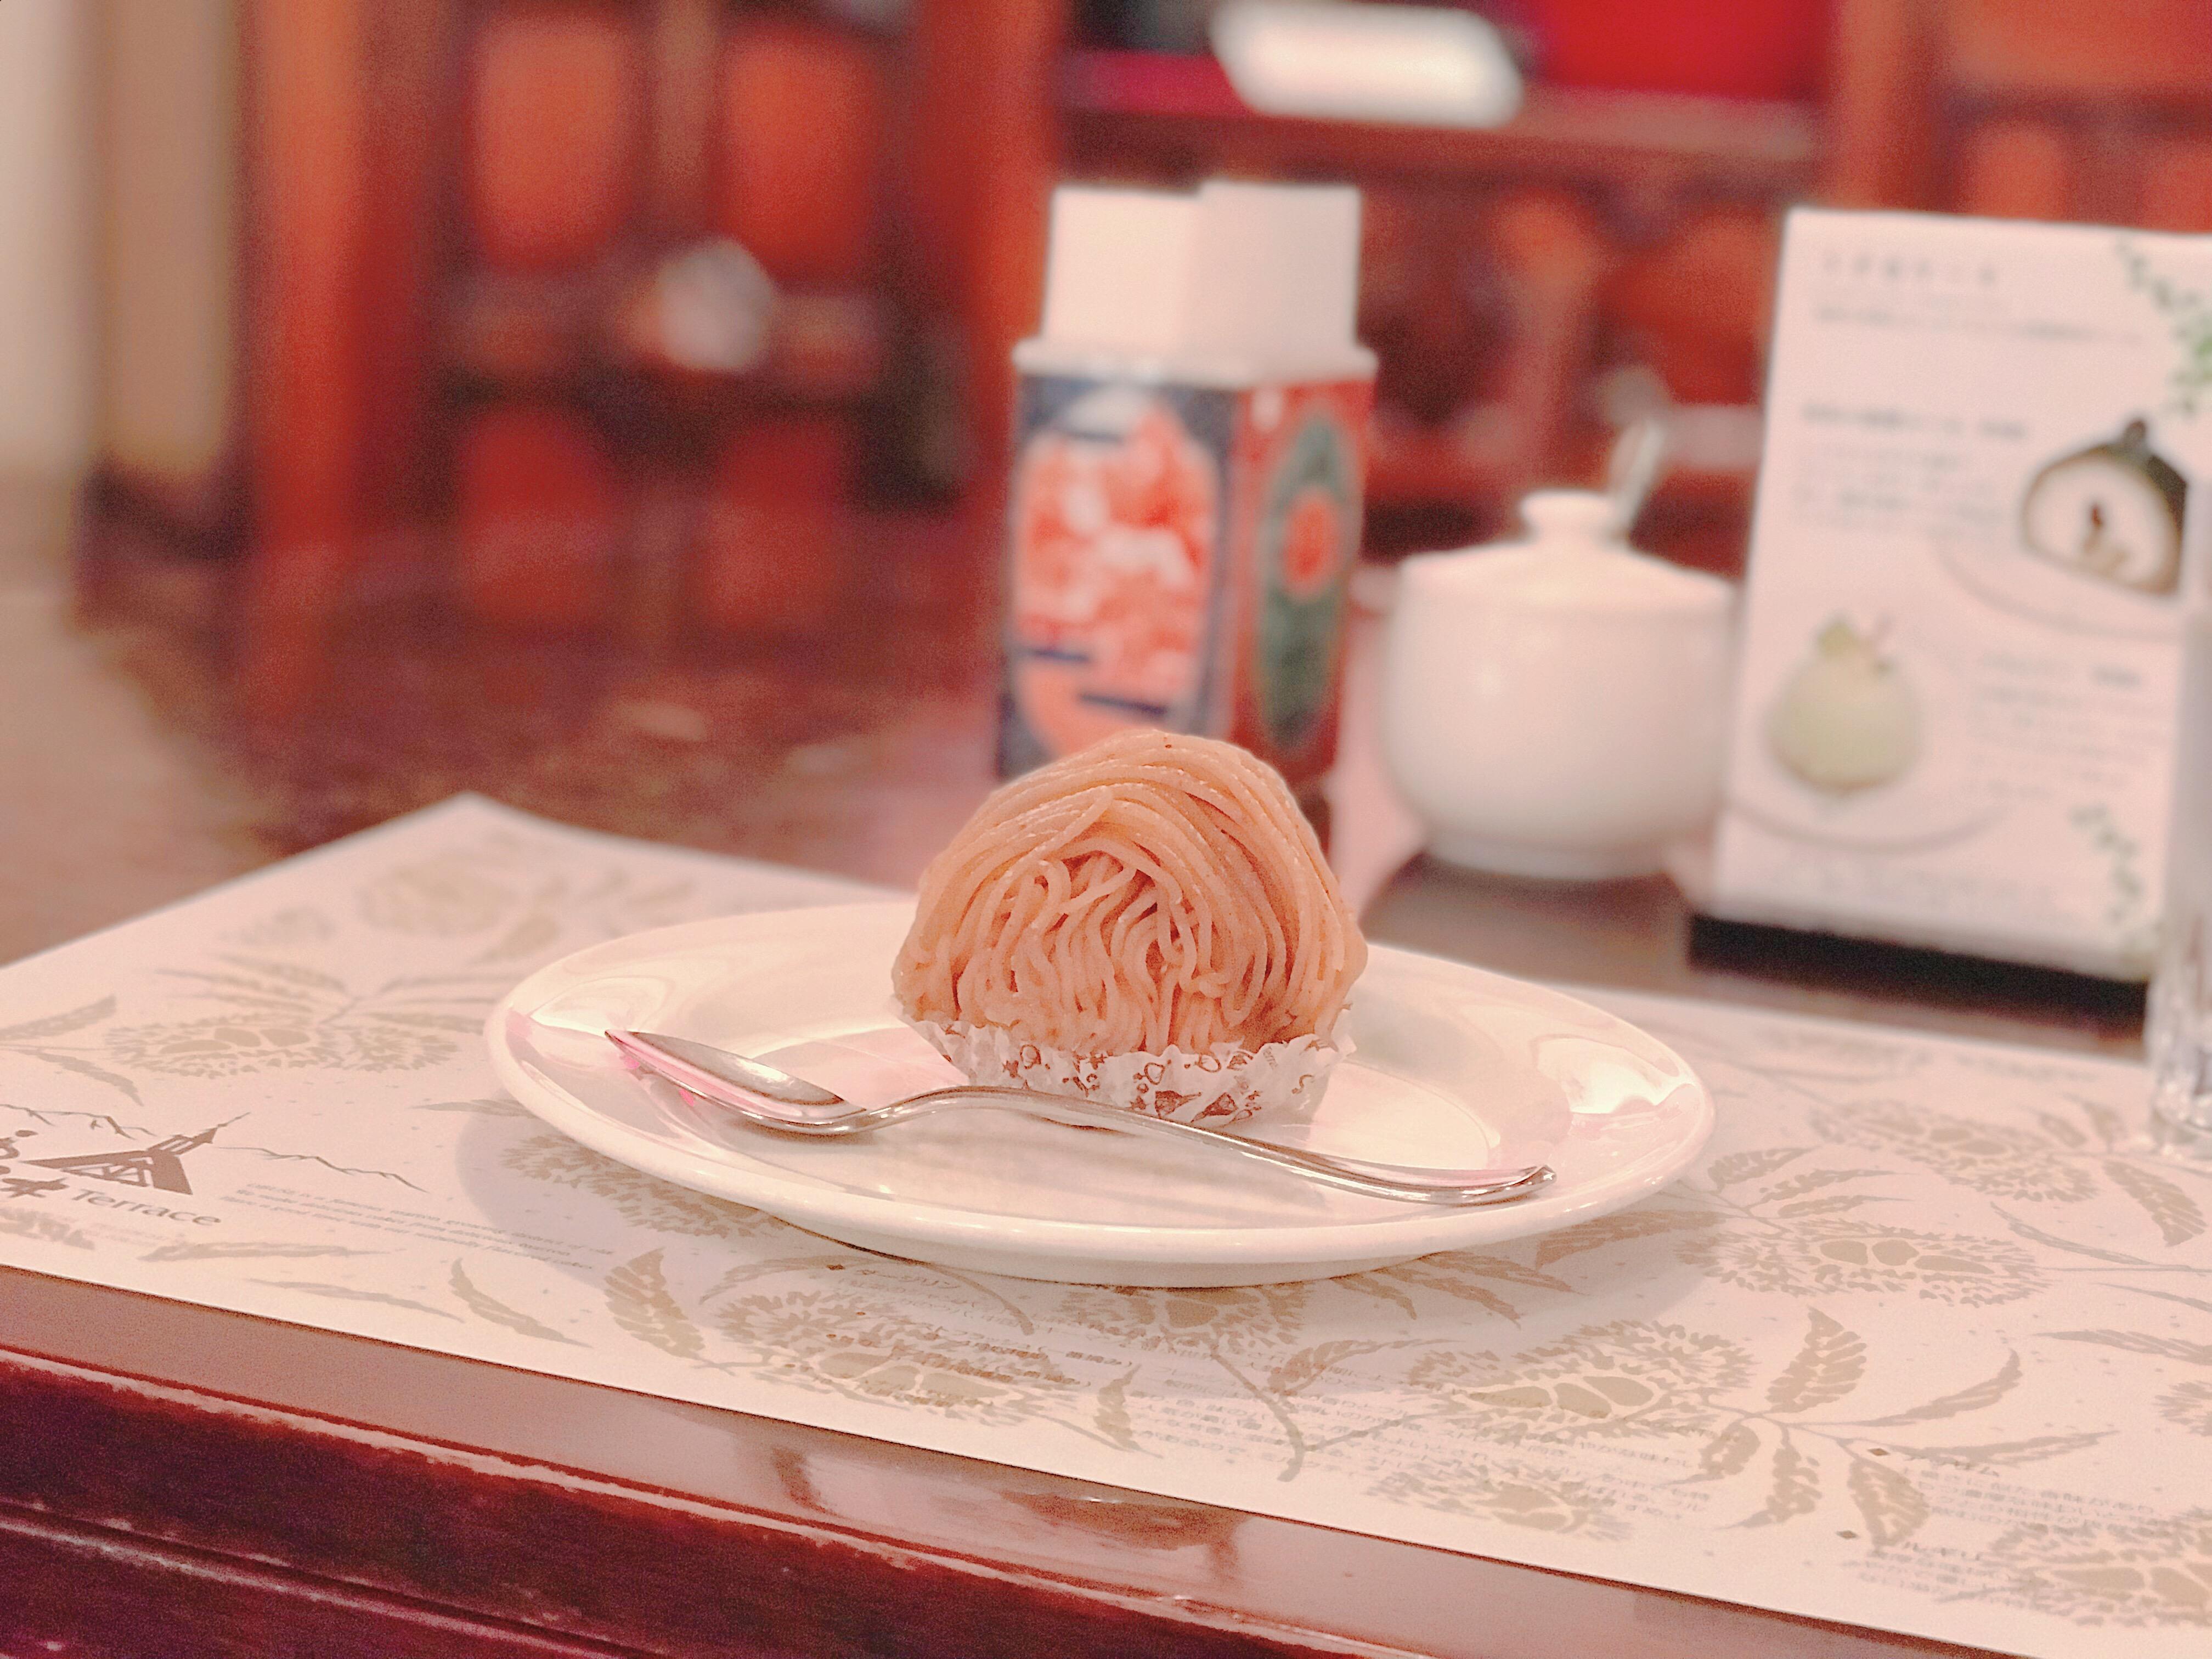 最高に美味しい!栗を味わう「栗の木テラス」のモンブラン@長野・小布施